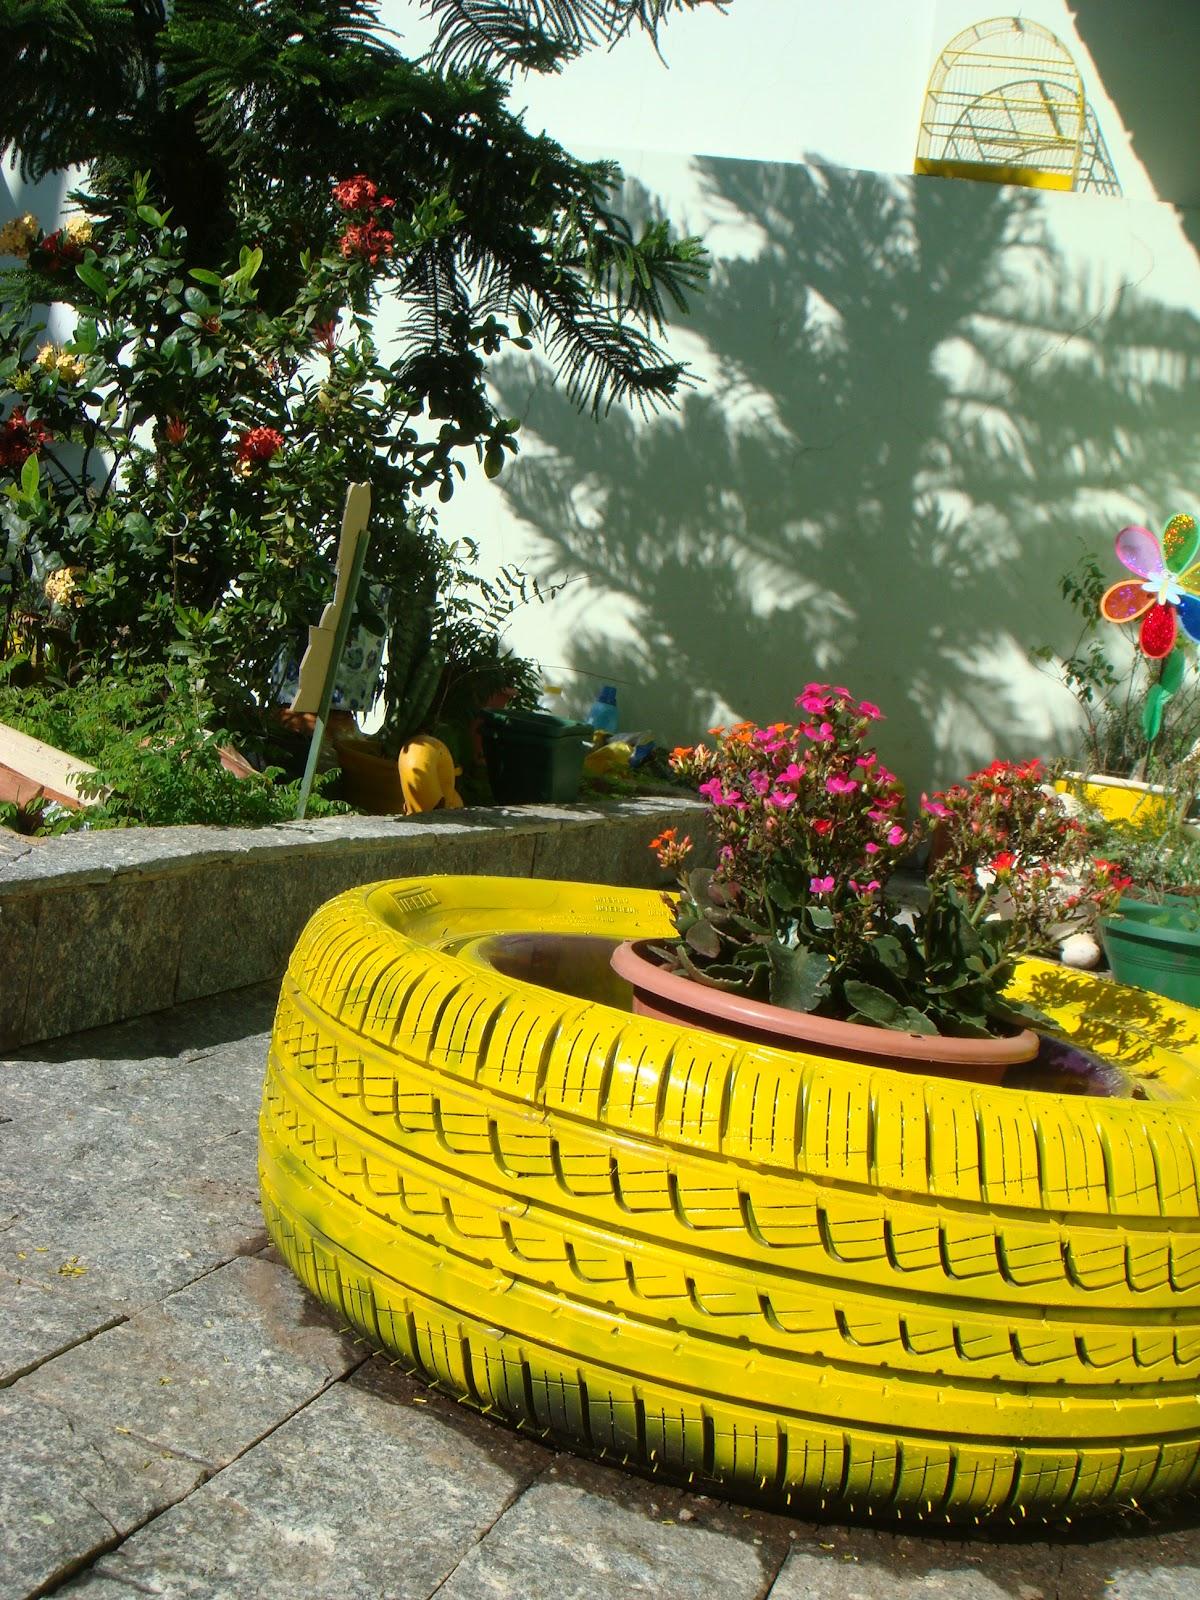 fotos de um jardim lindo : fotos de um jardim lindo:Entre, a casa é minha!: ♥ Um lindo jardim com pneus coloridos